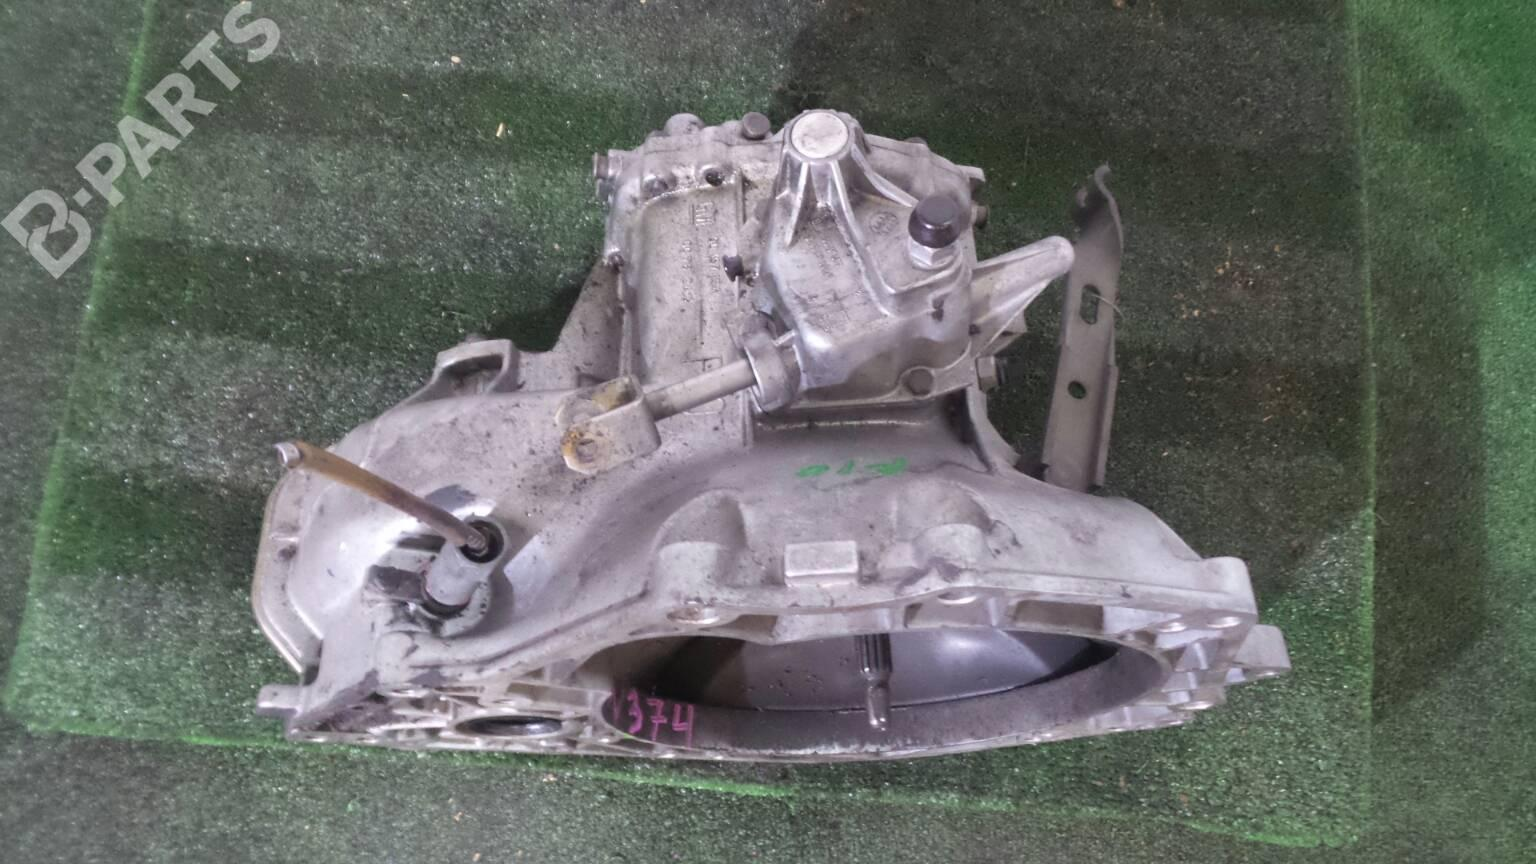 Manual Gearbox Opel Corsa B S93 12 I F08 F68 M68 125414 Fuse Box F10 W374